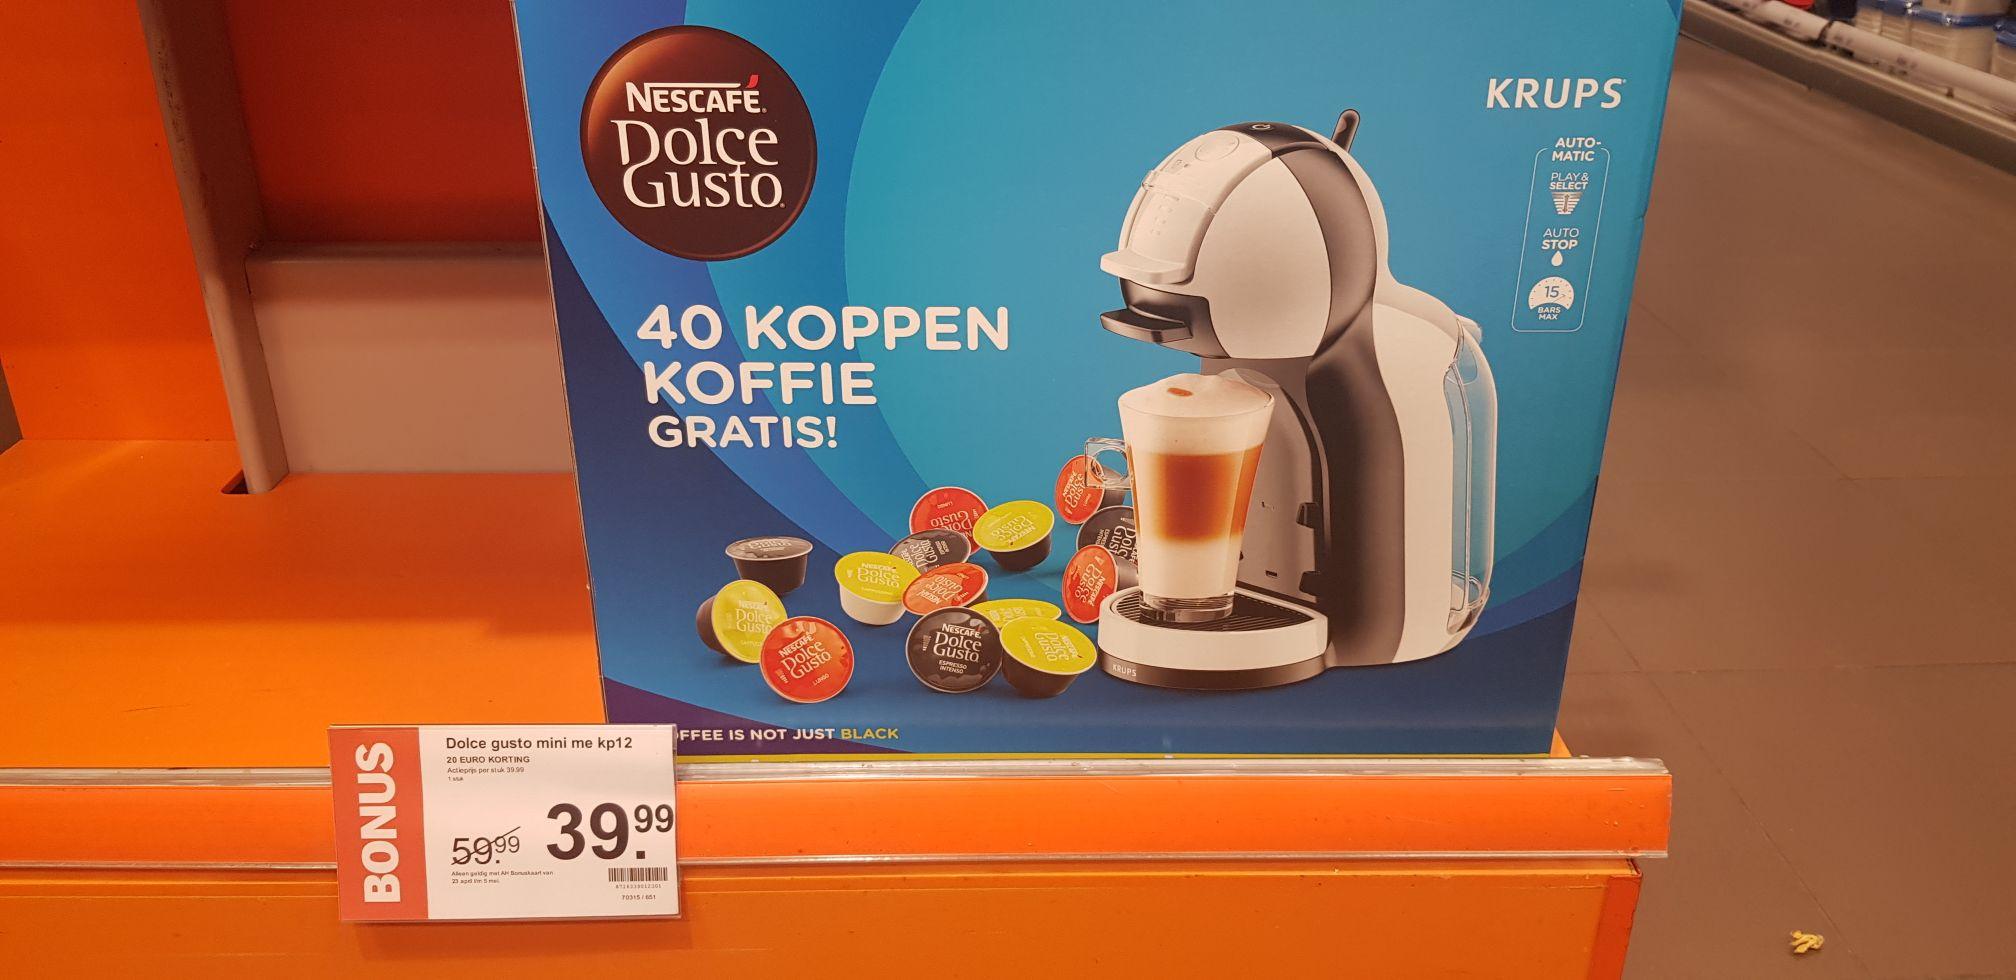 Dolce Gusto Mini Me + 40 cups koffie bij inleveren van 1000 airmiles